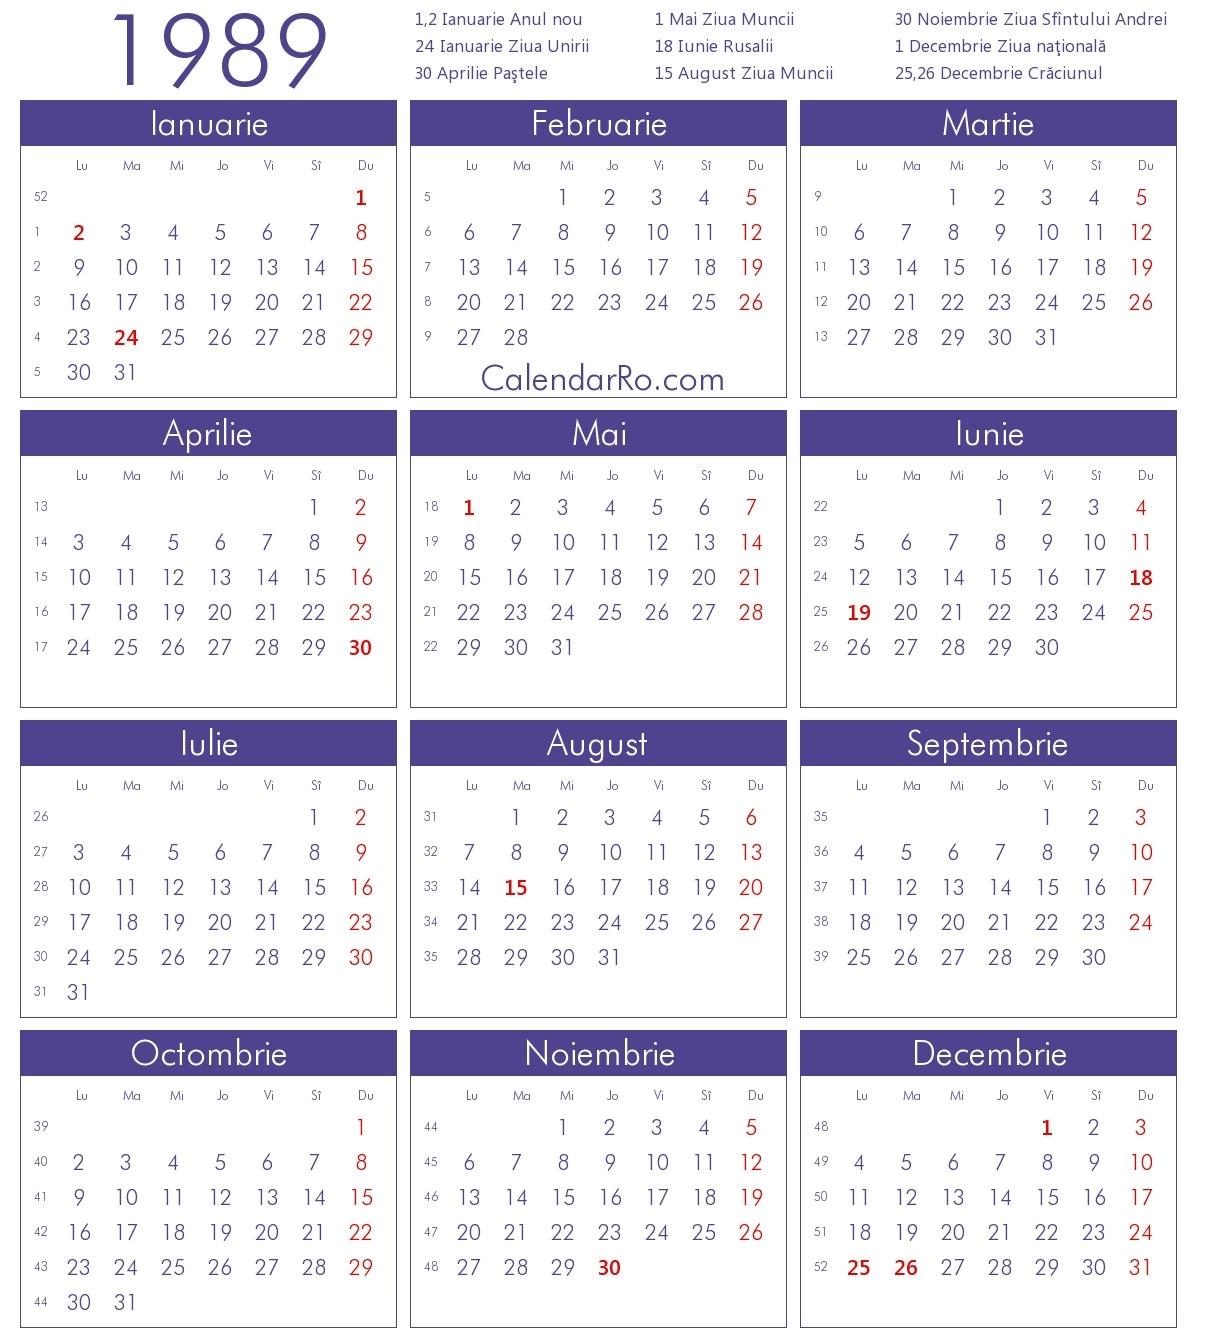 1989 Calendar Uk | Qualads